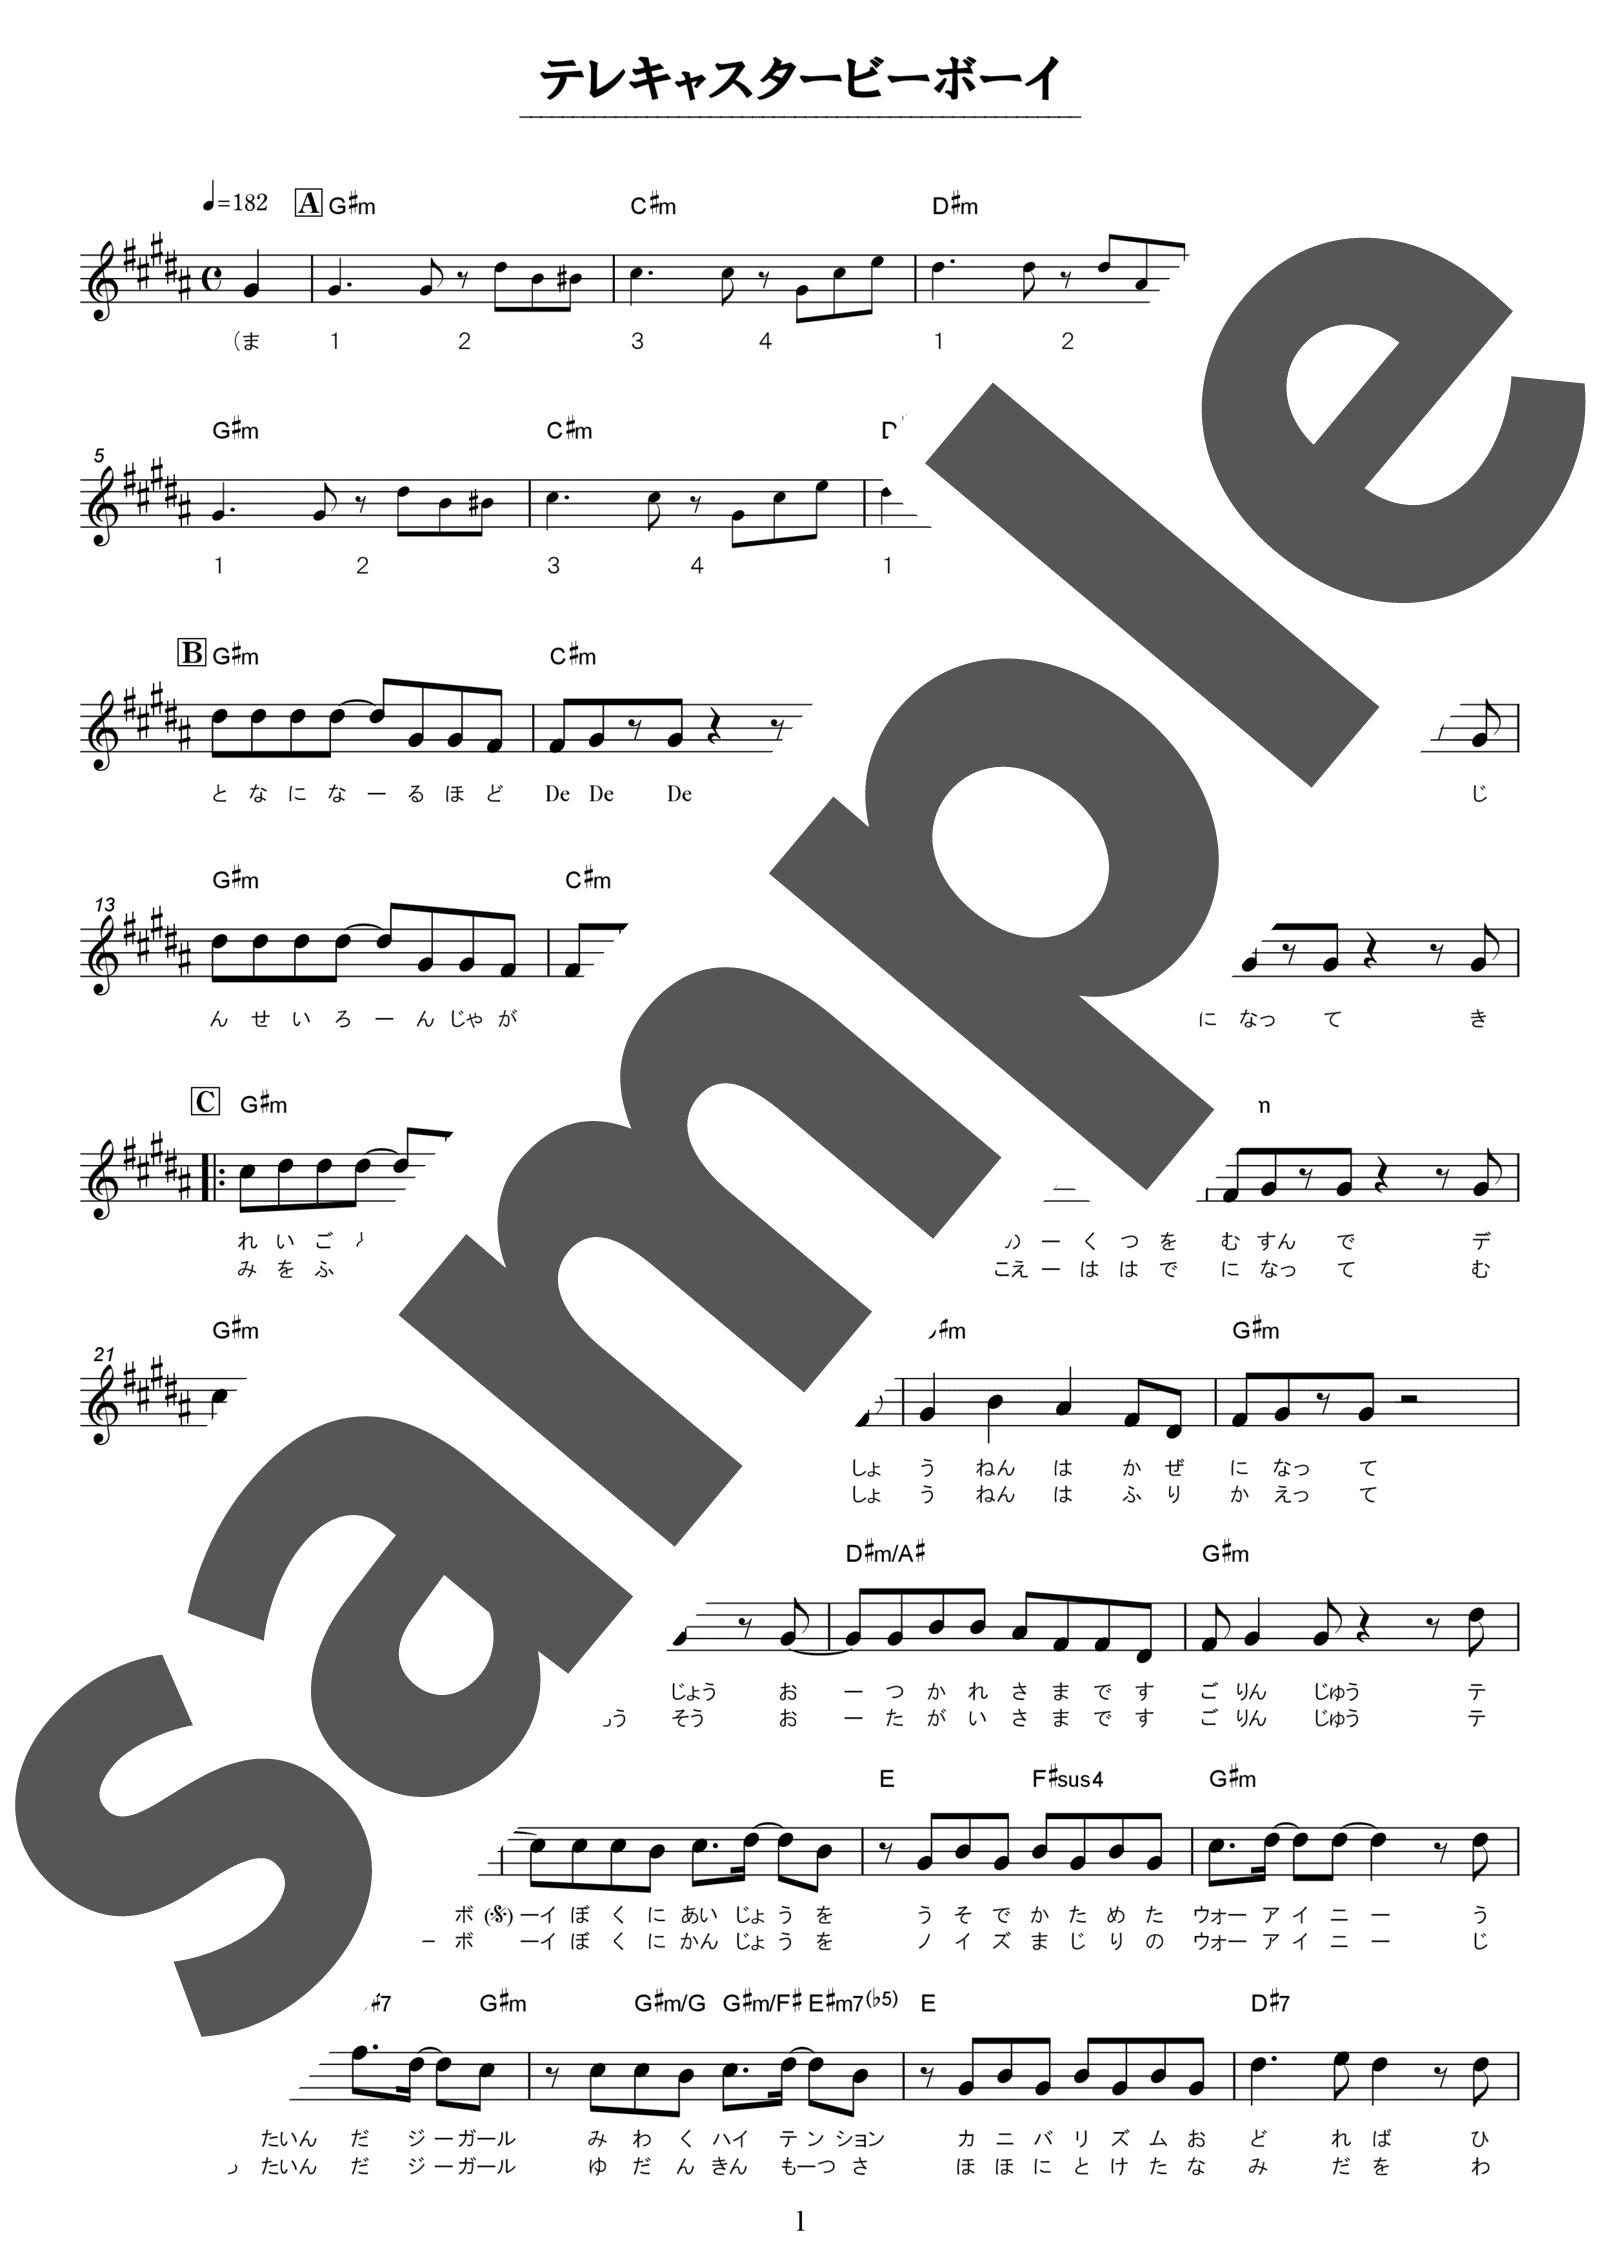 「テレキャスタービーボーイ」のサンプル楽譜